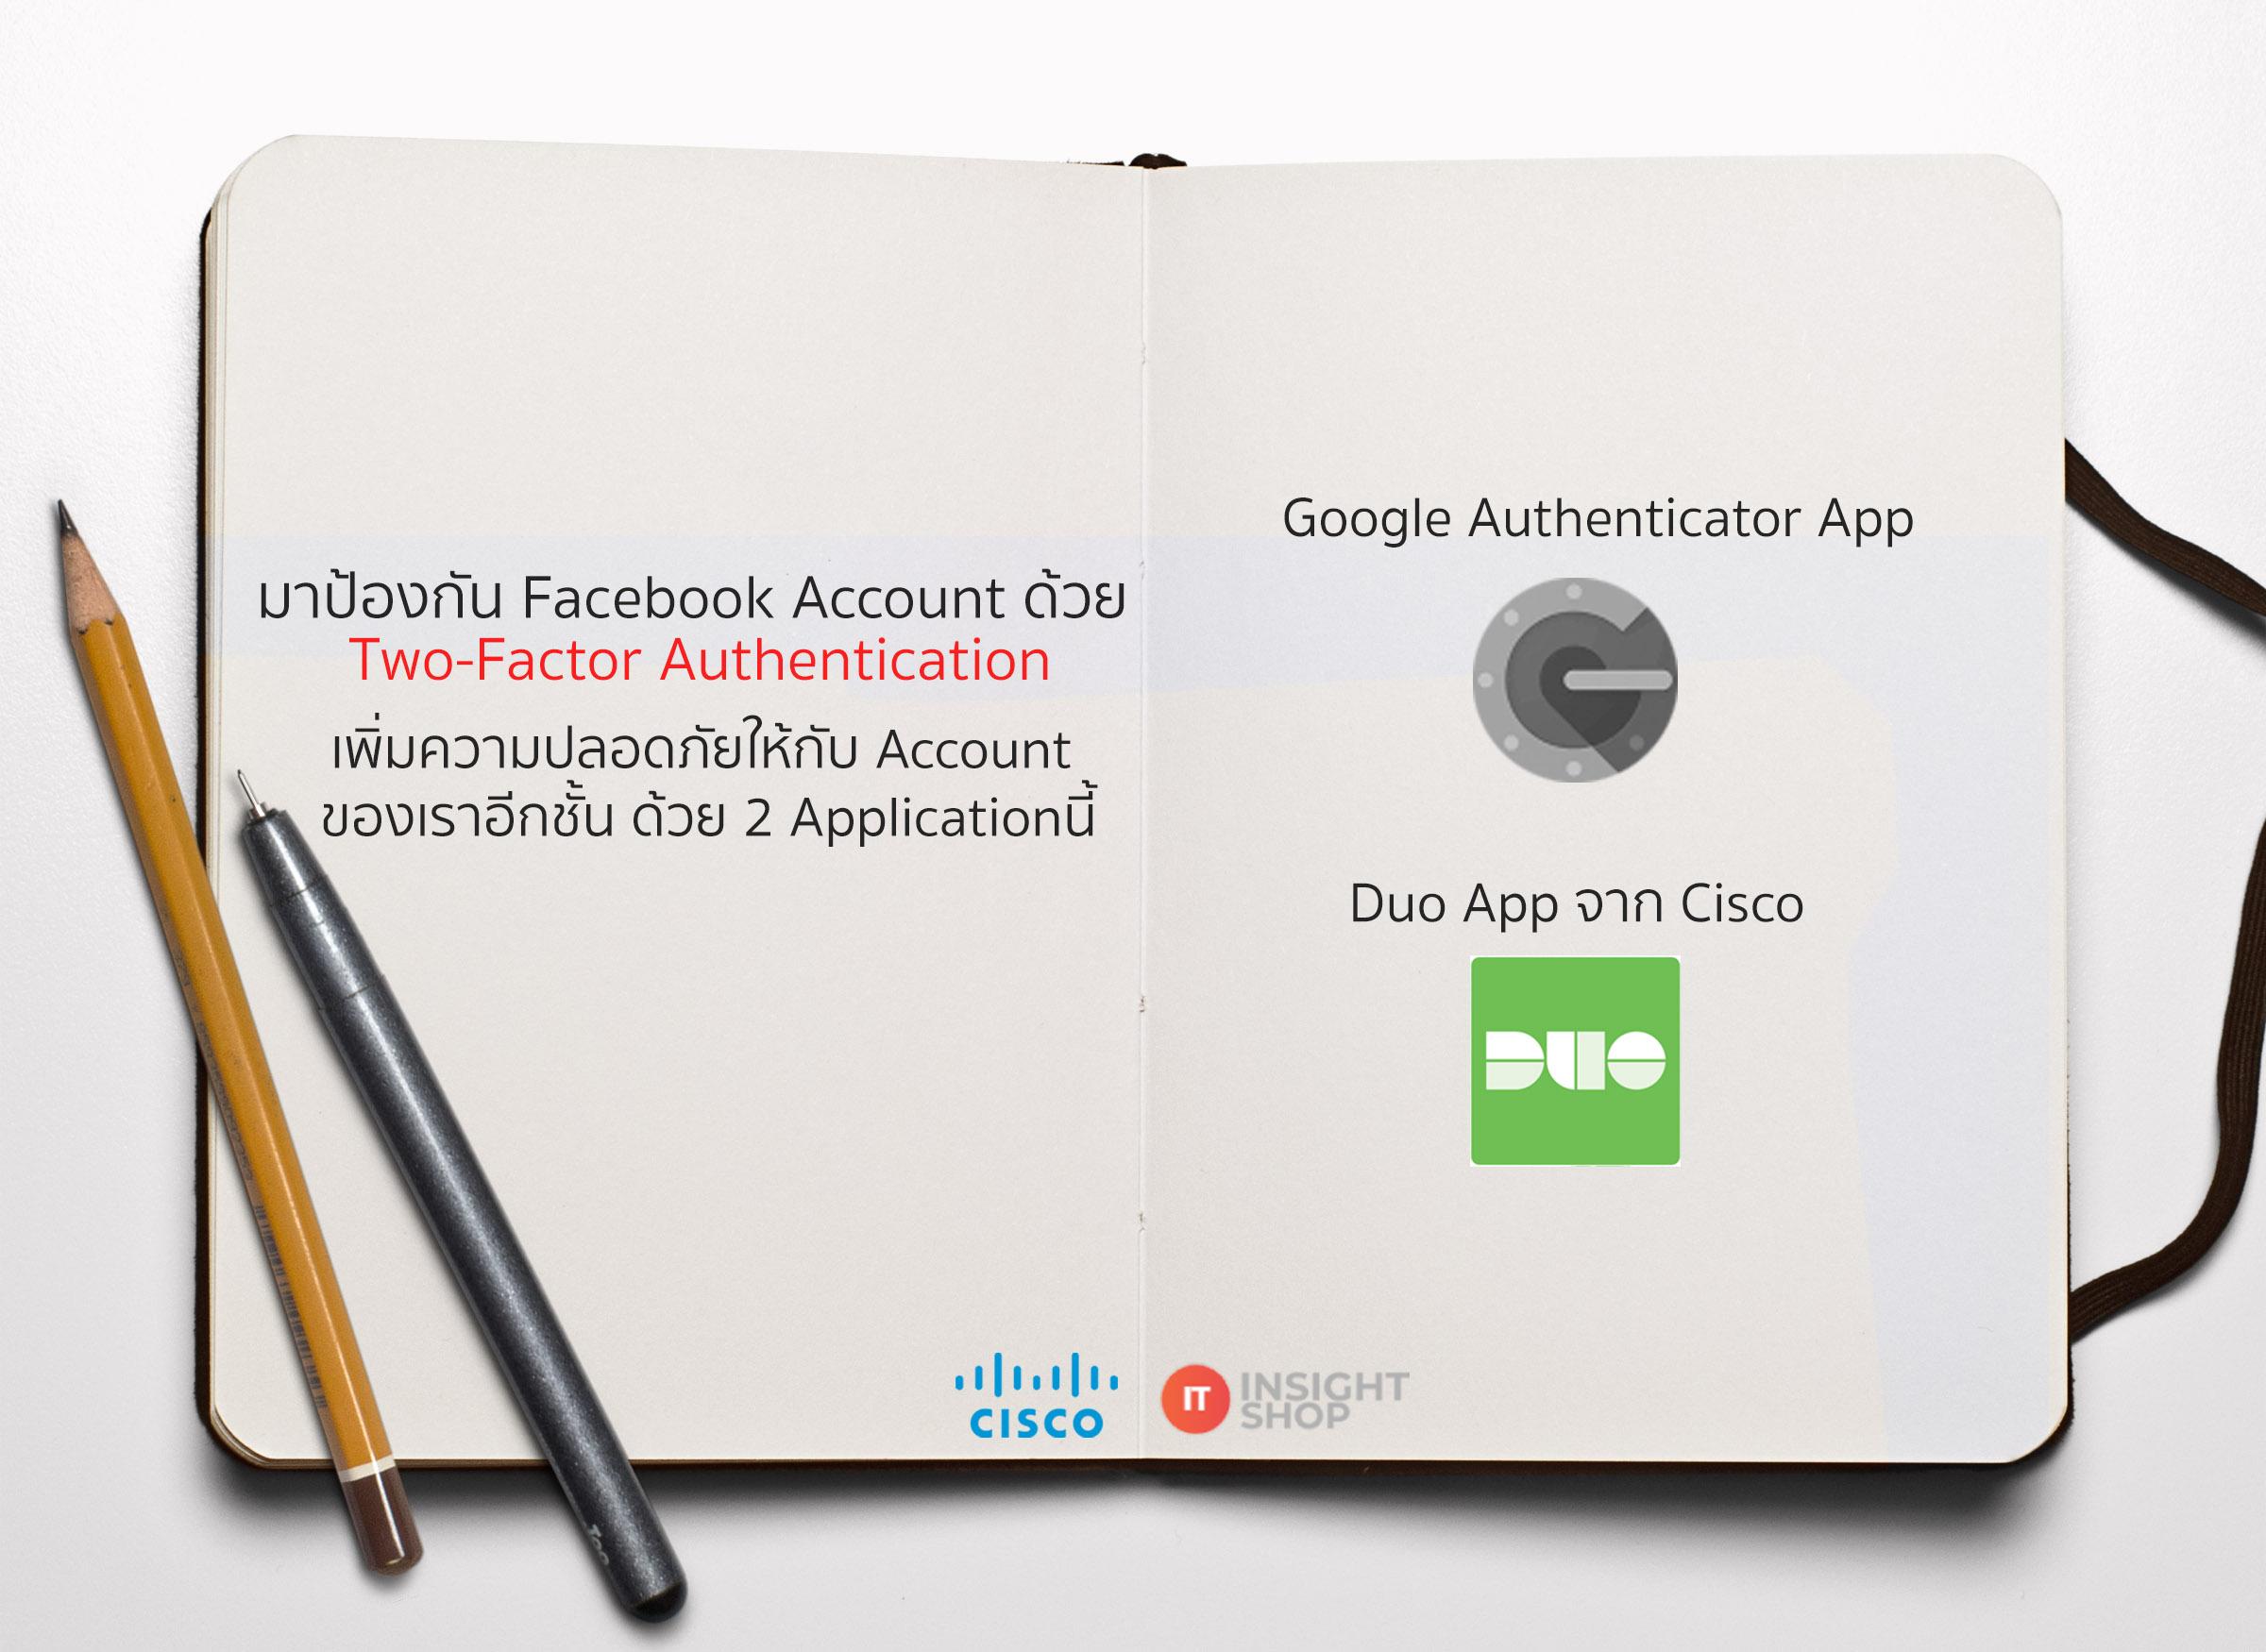 ขั้นตอนที่ทำ 2-Factor Authentication (2FA) บน Facebook